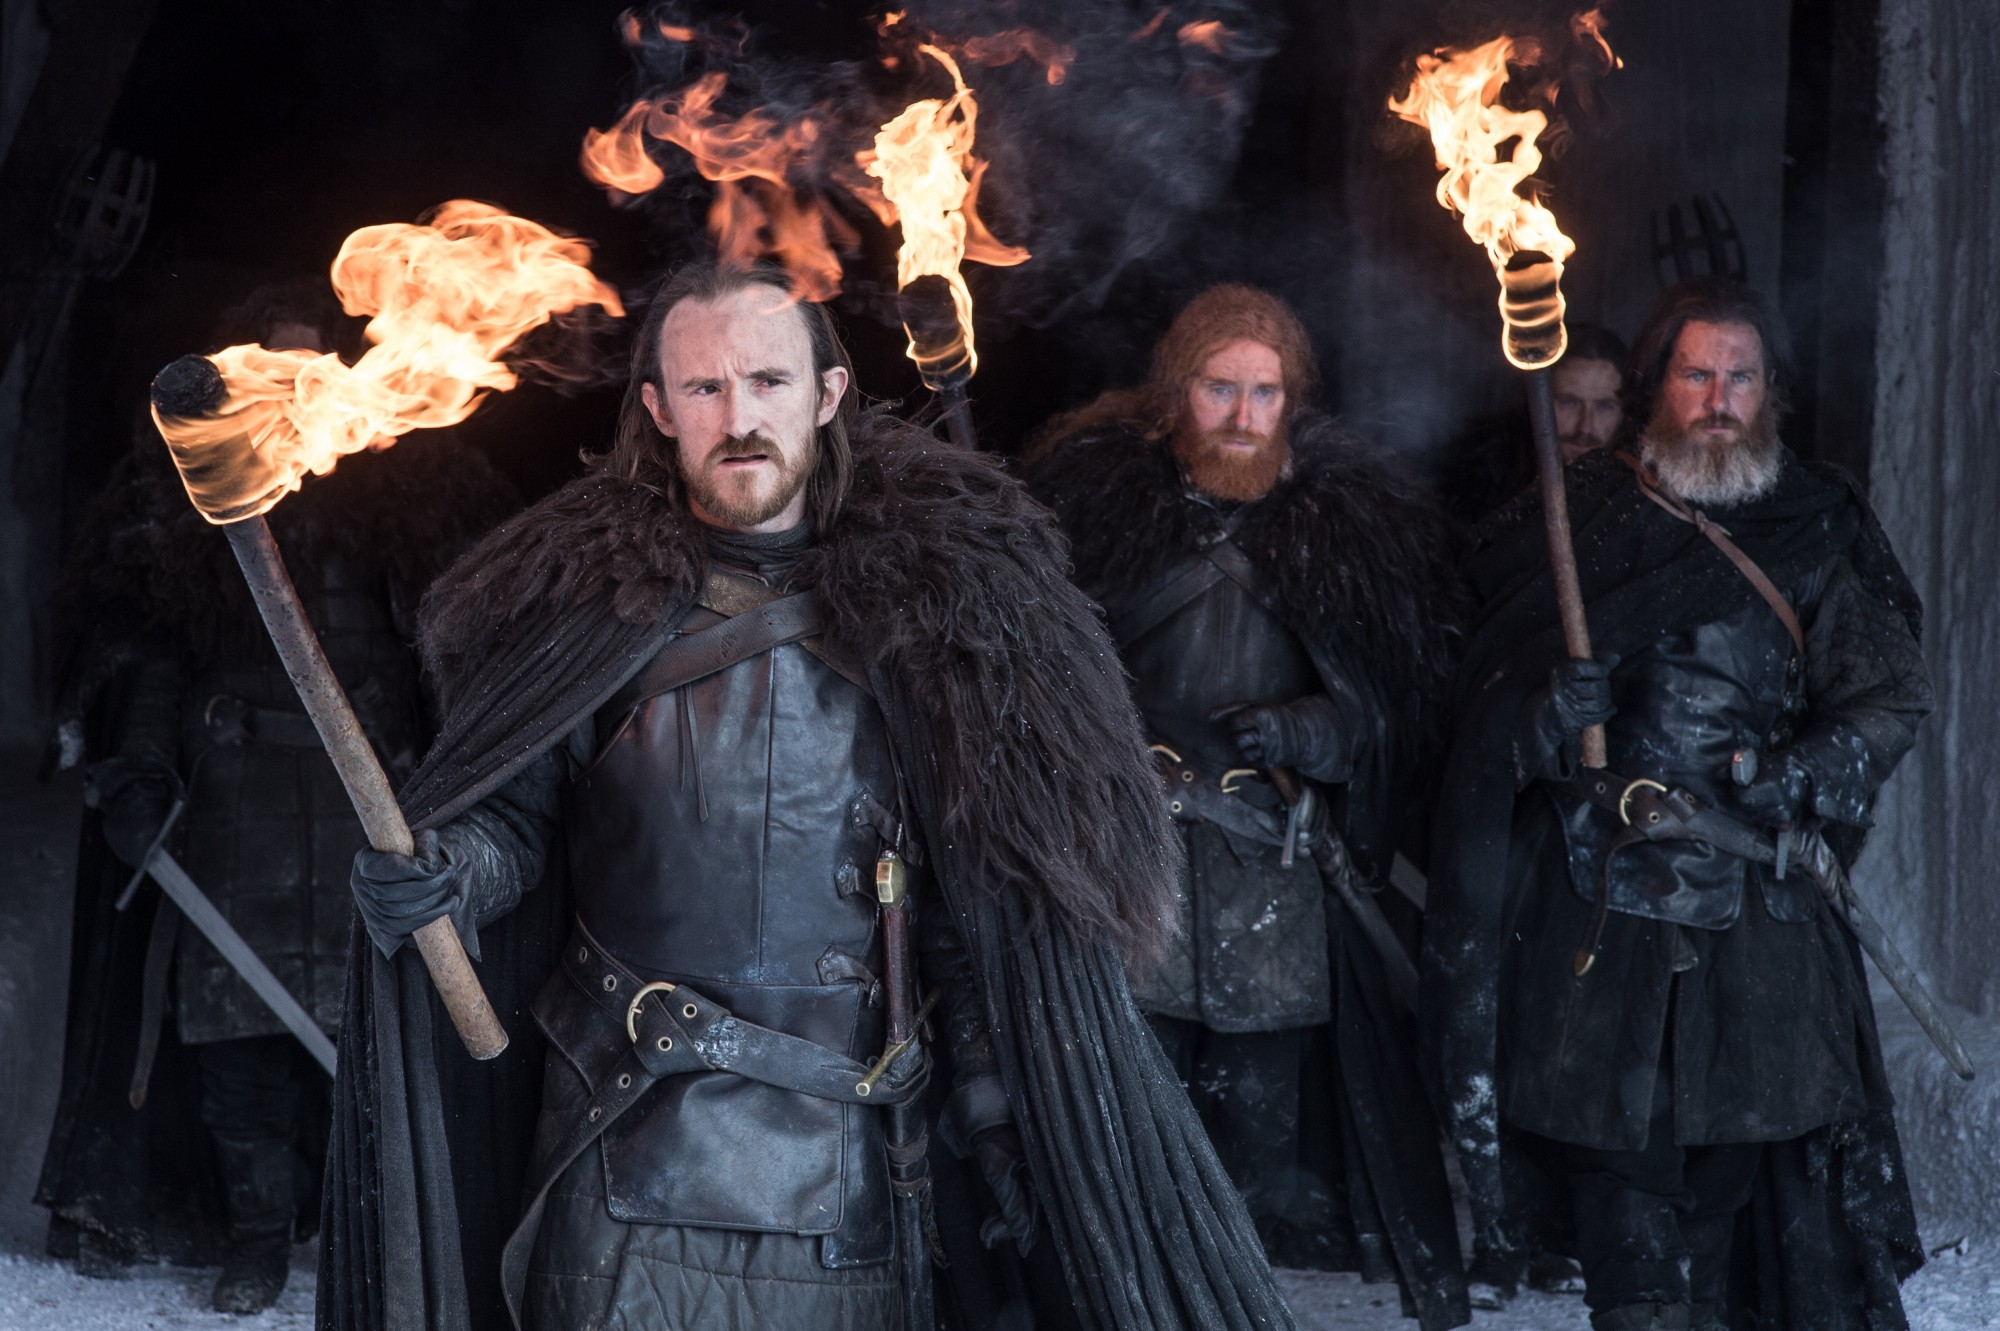 Il Trono di Spade: una foto dell'episodio Dragonstone